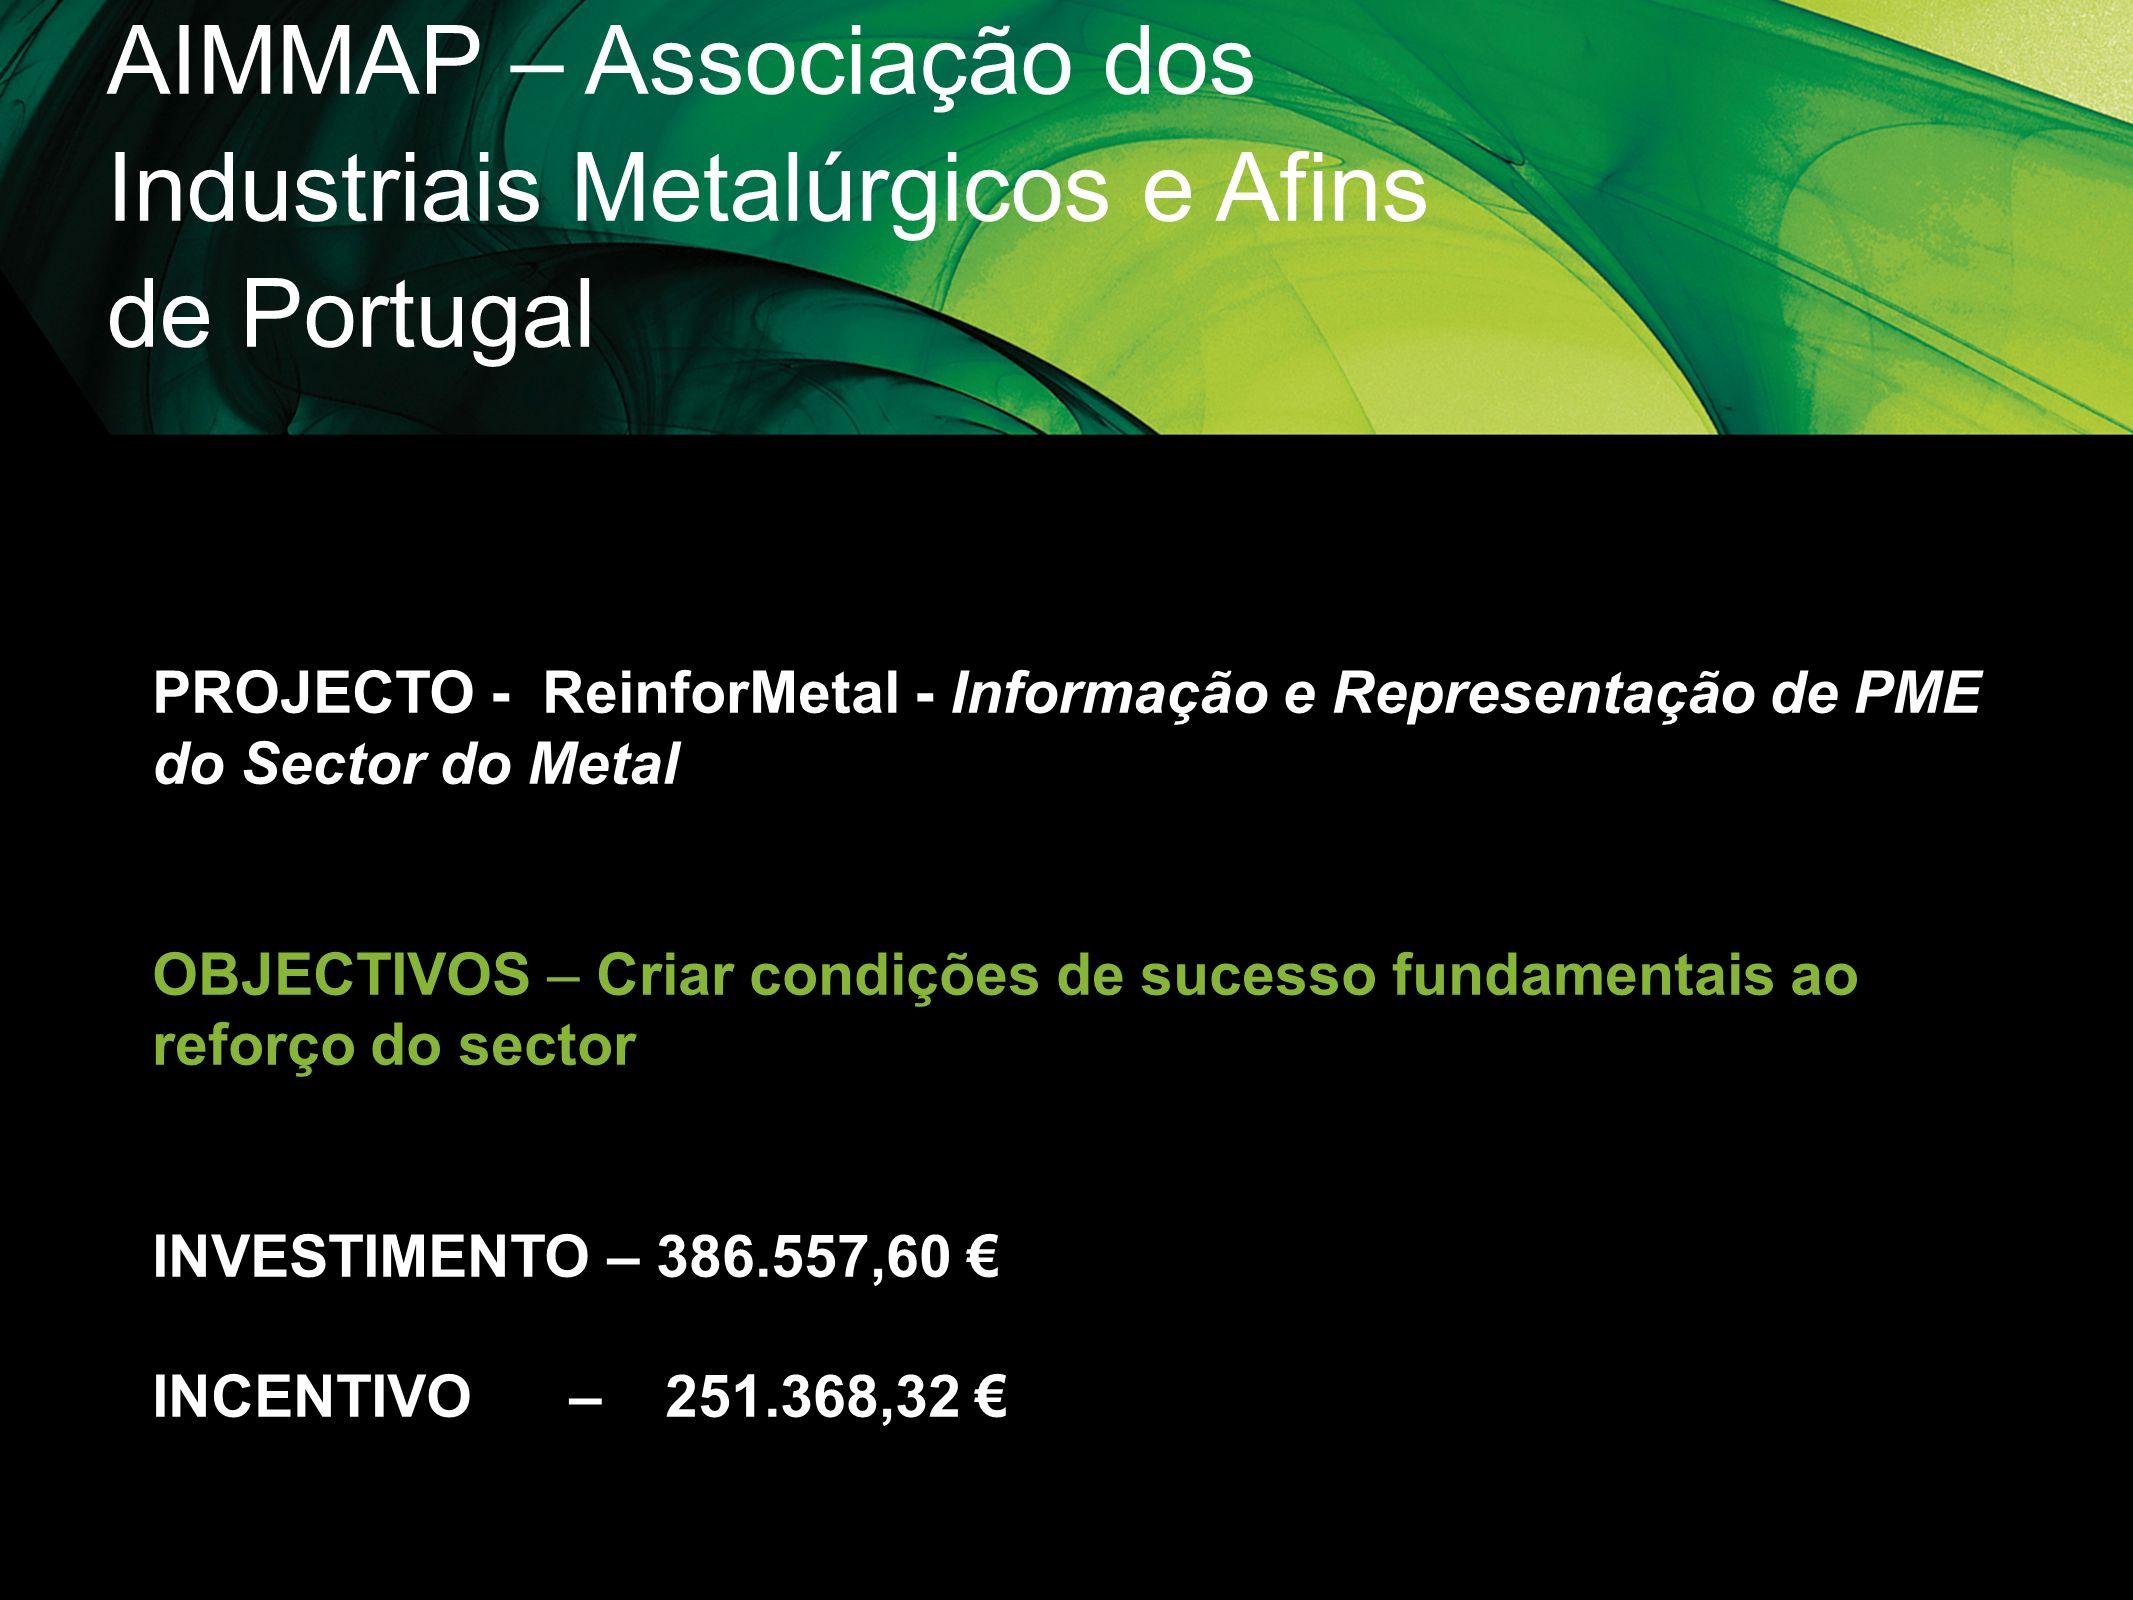 AIMMAP – Associação dos Industriais Metalúrgicos e Afins de Portugal